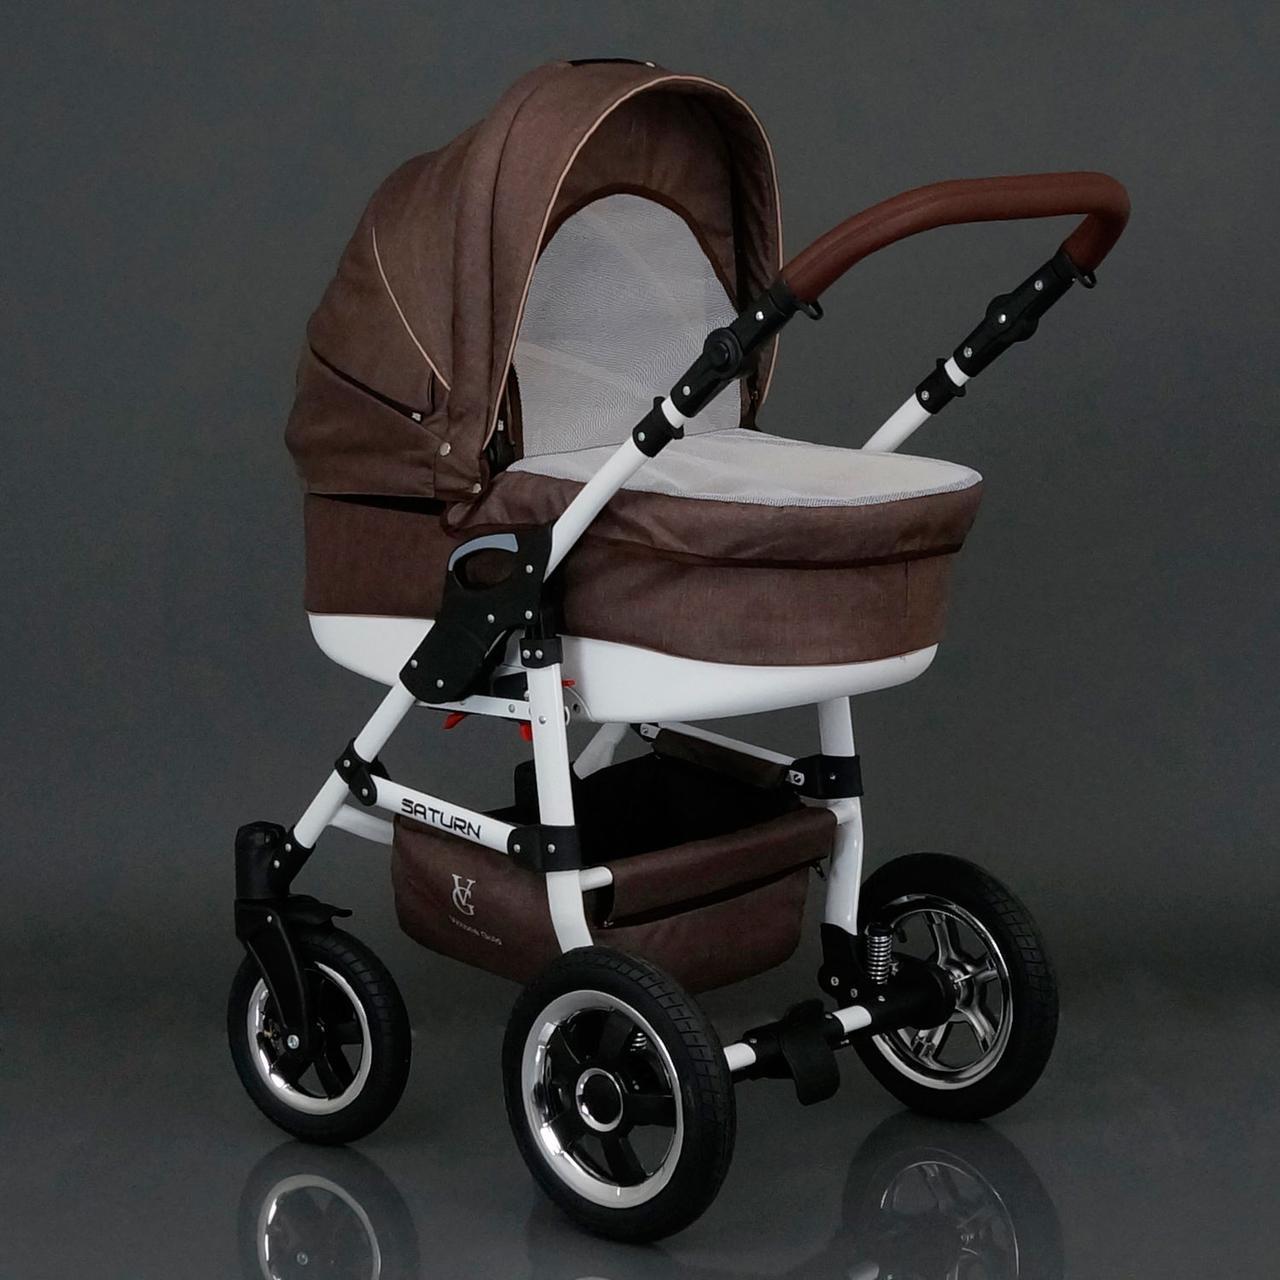 Коляска для детей Saturn № 0186-L11 Шоколад